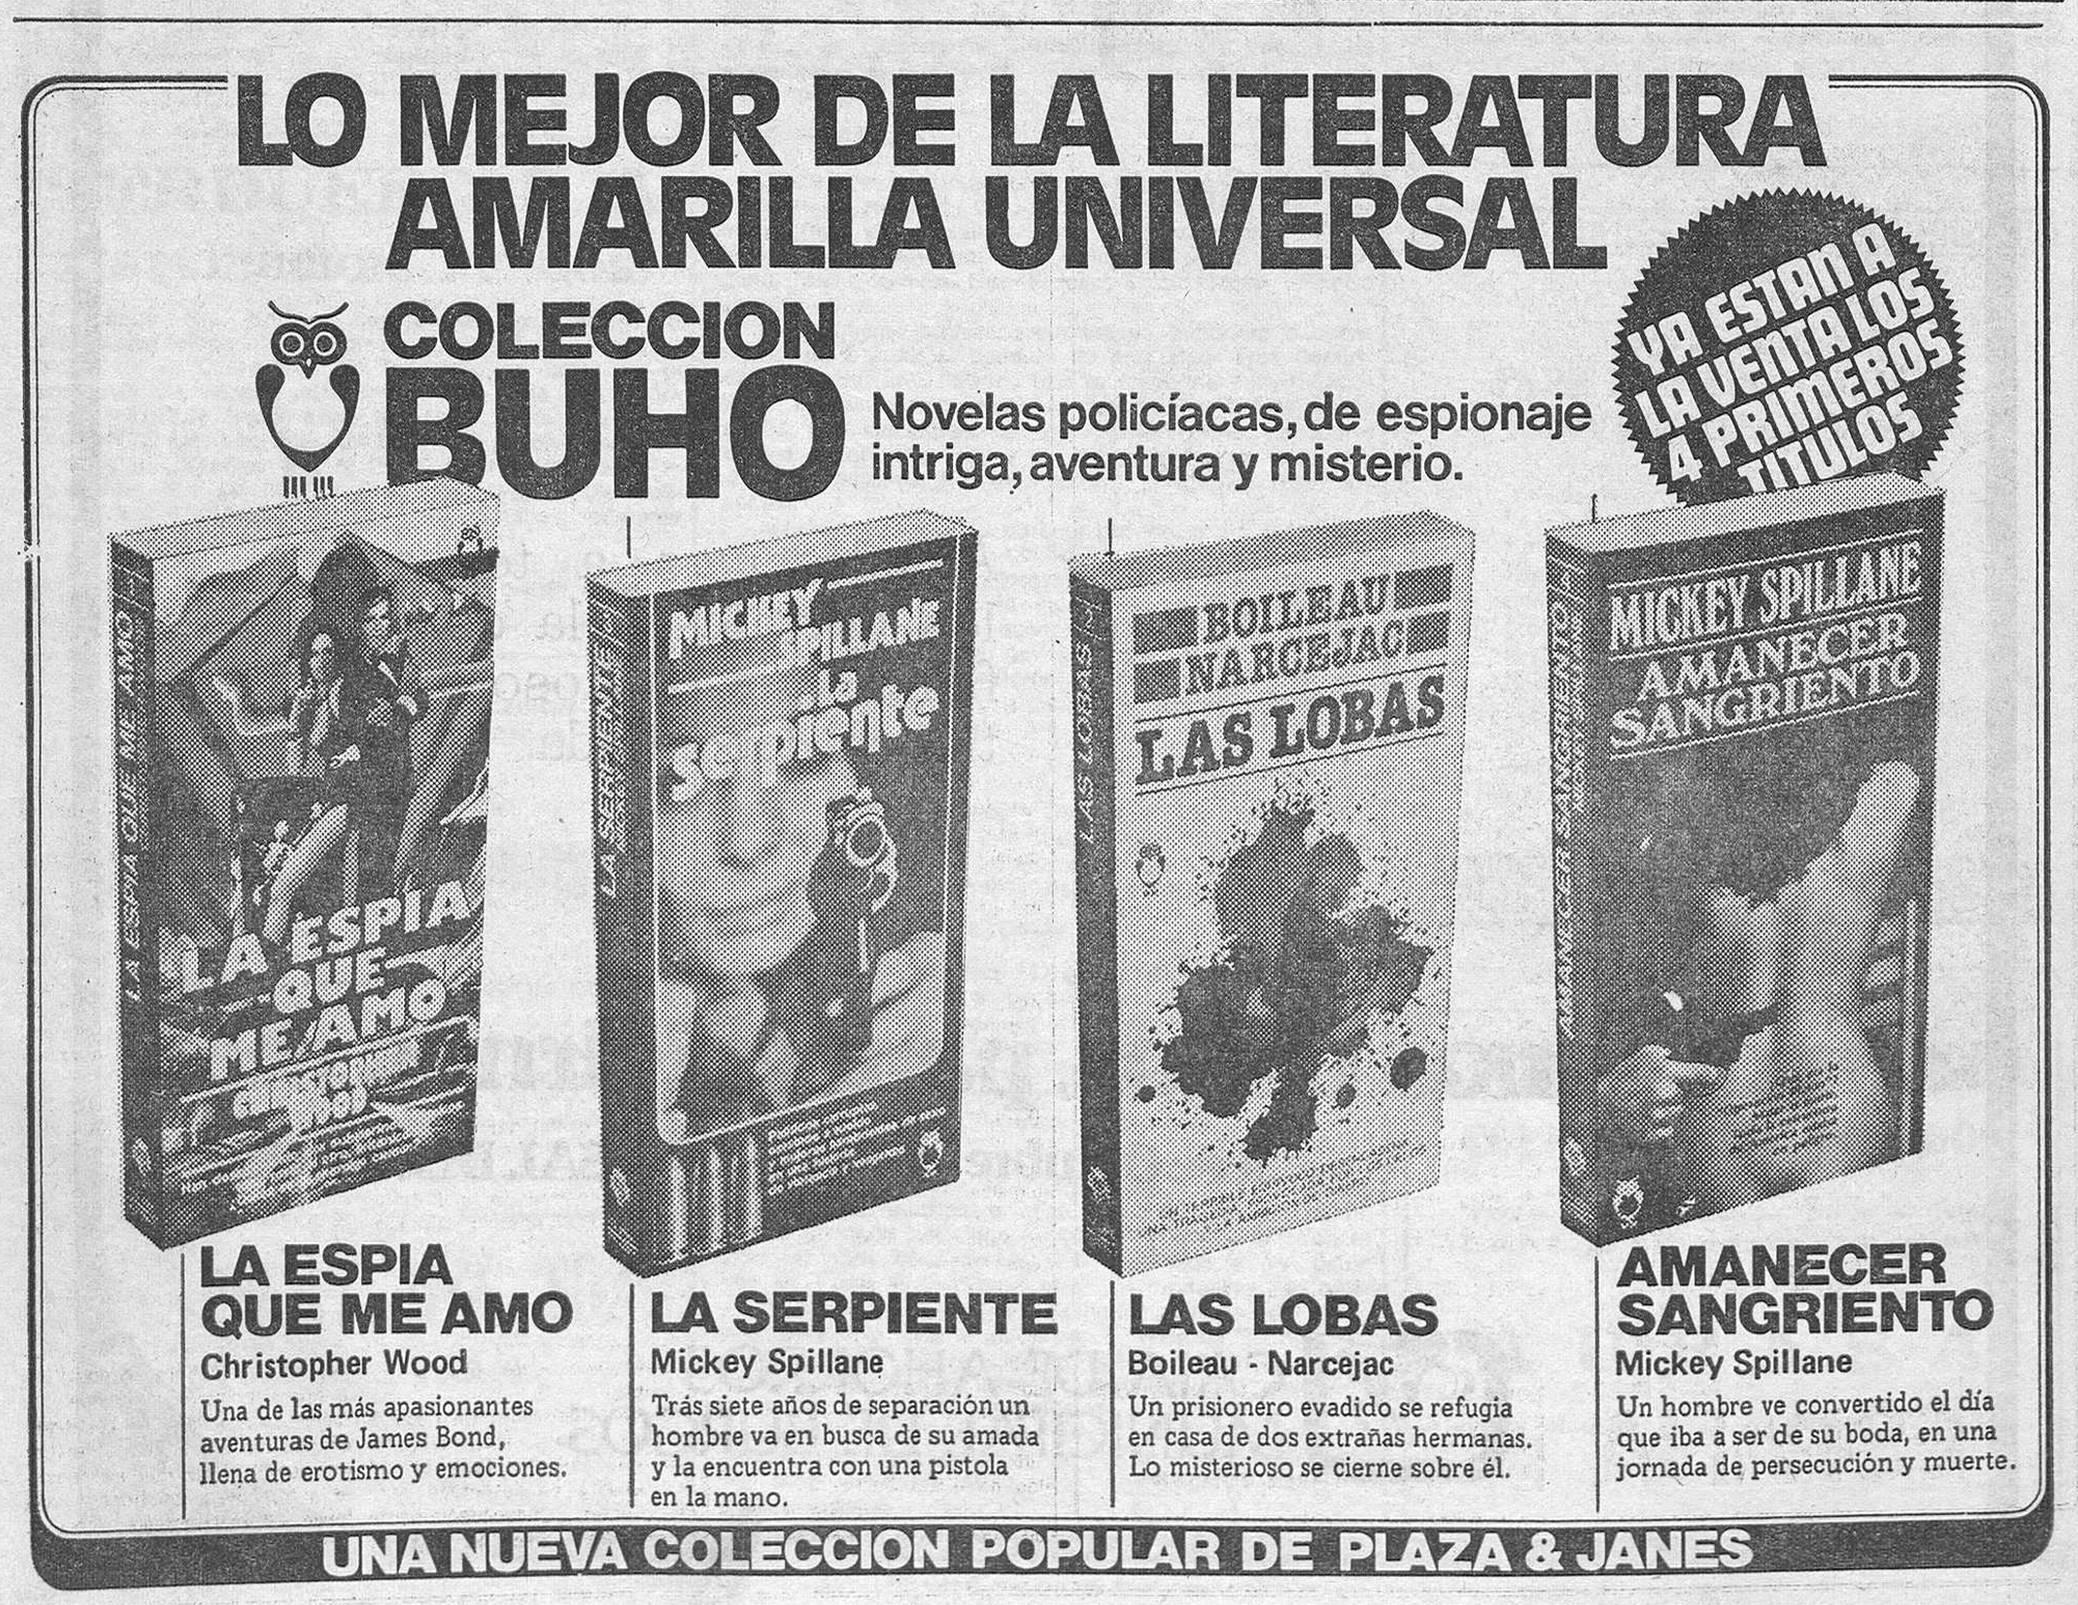 10-1979-10-31-Diario-de-Burgos-Novelizacion.jpg